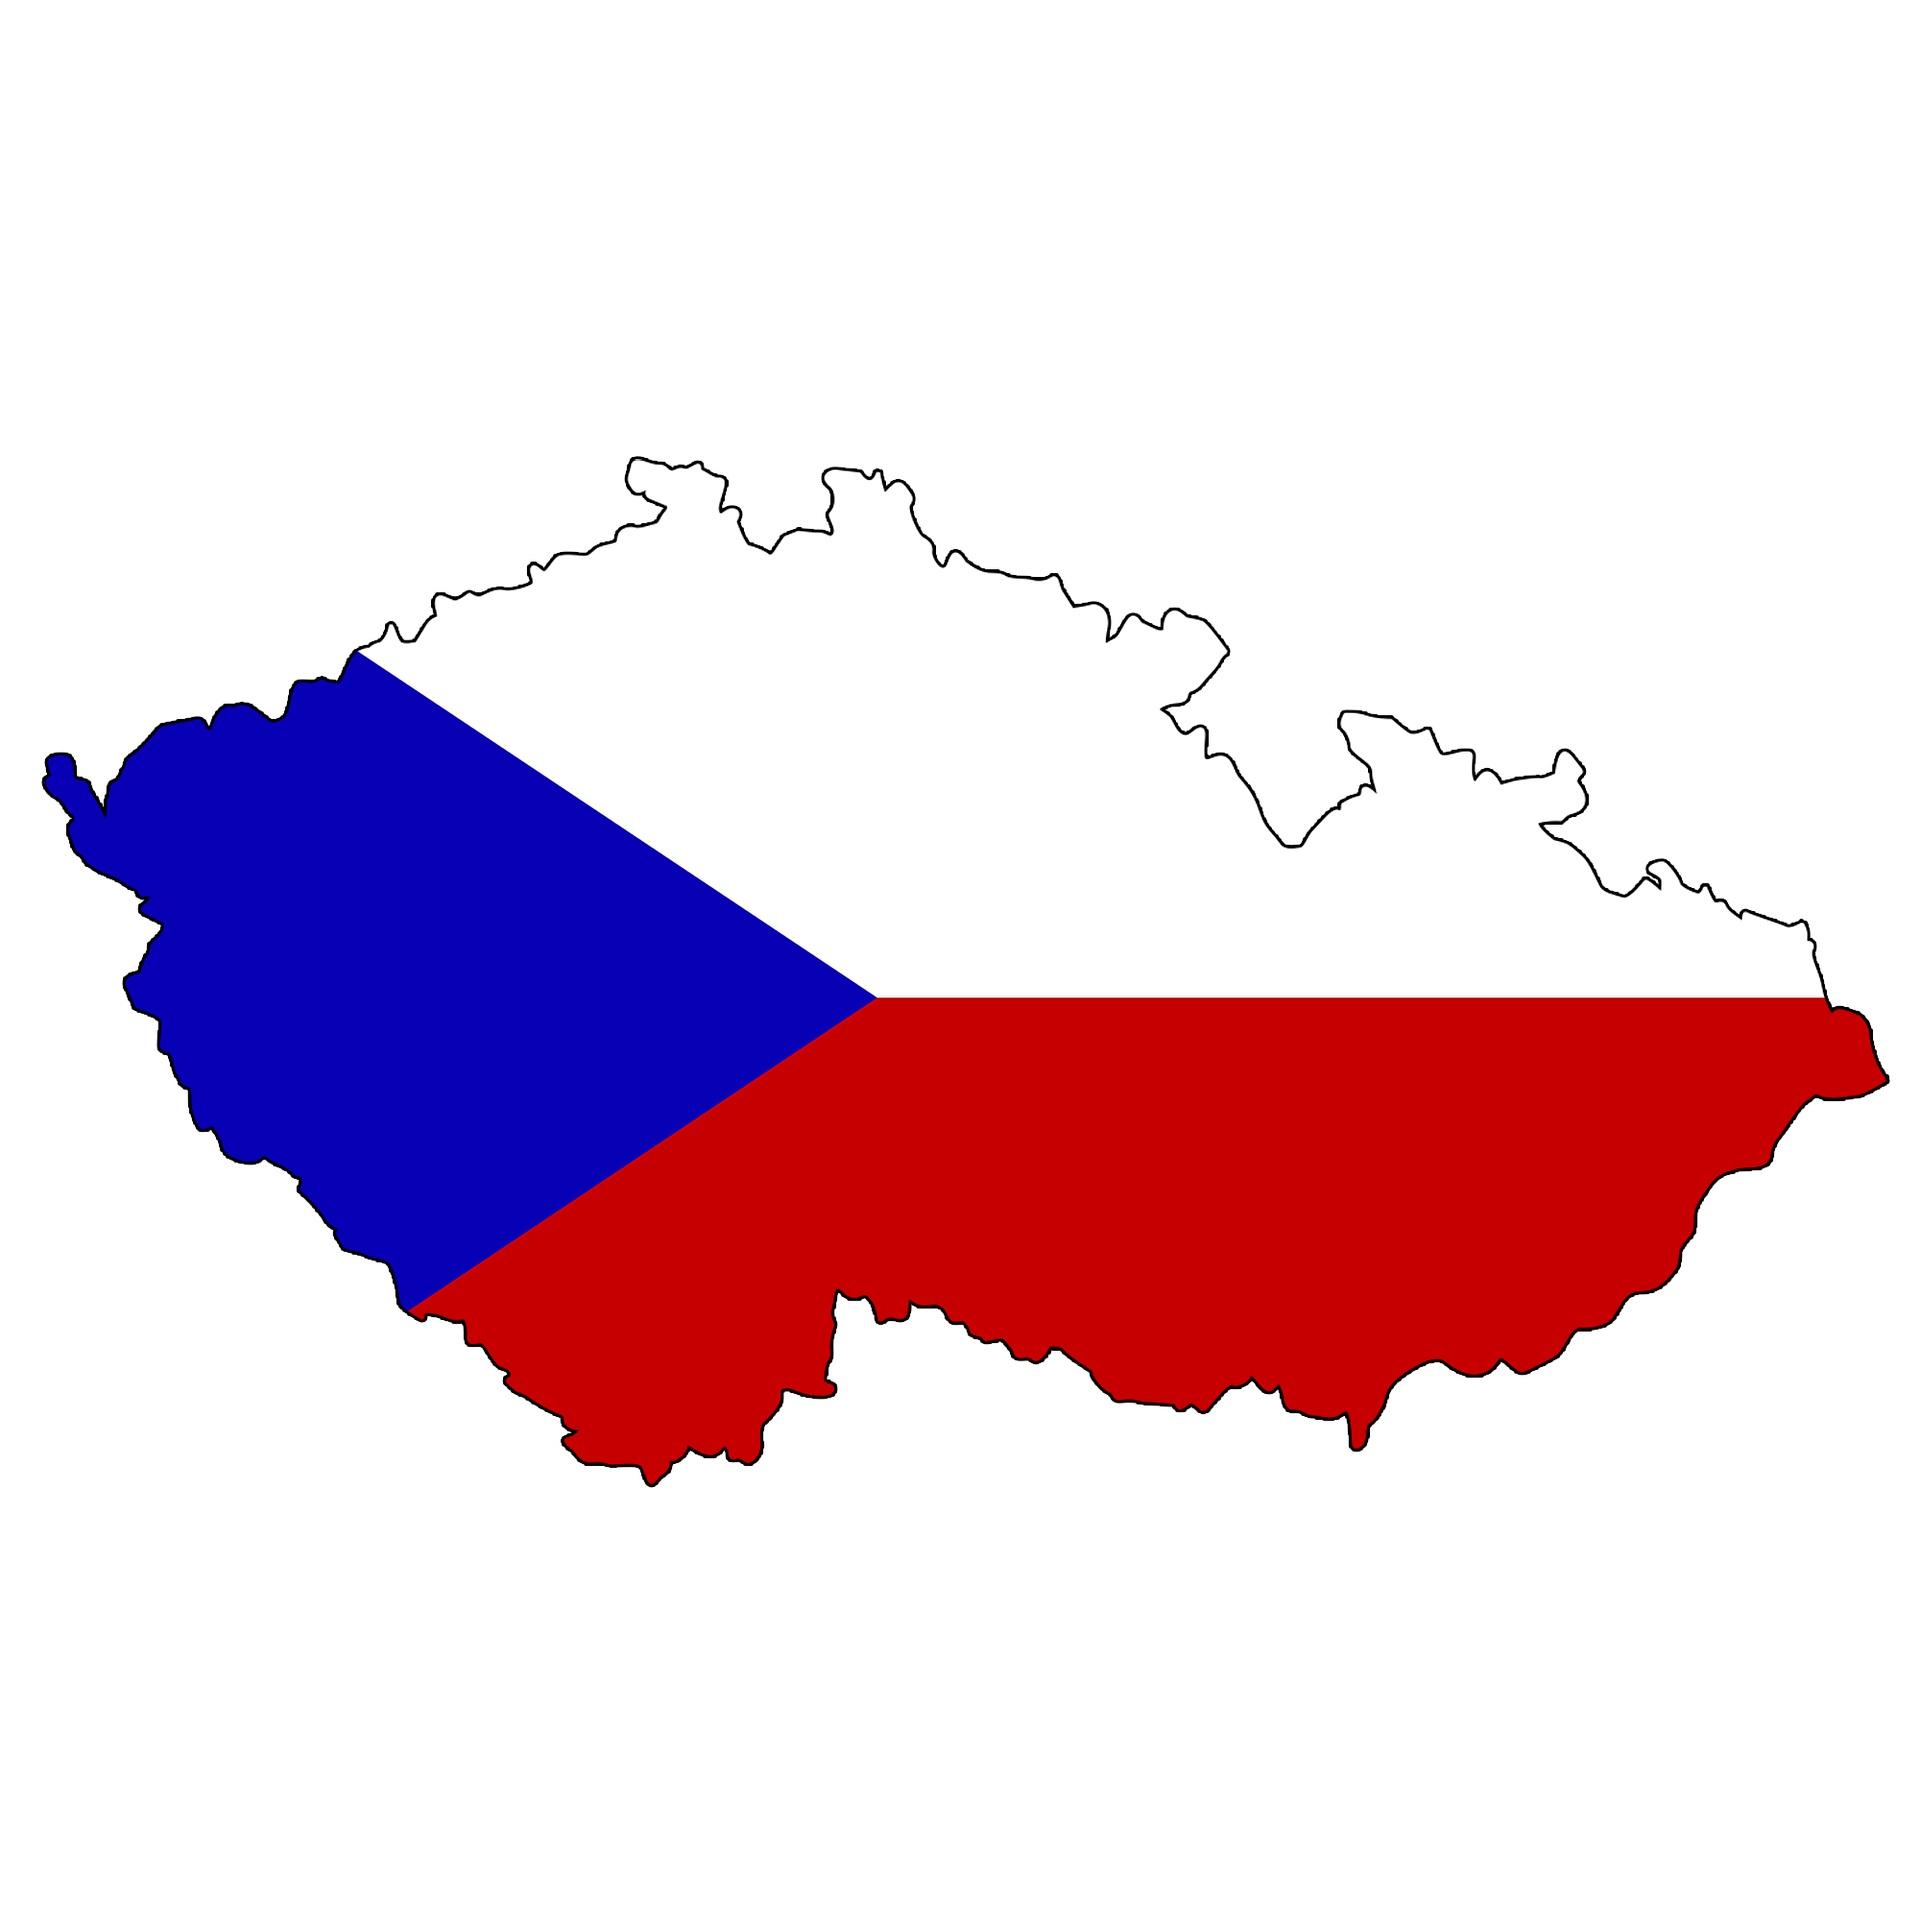 Переехать в чехию на пмж — Имигрант